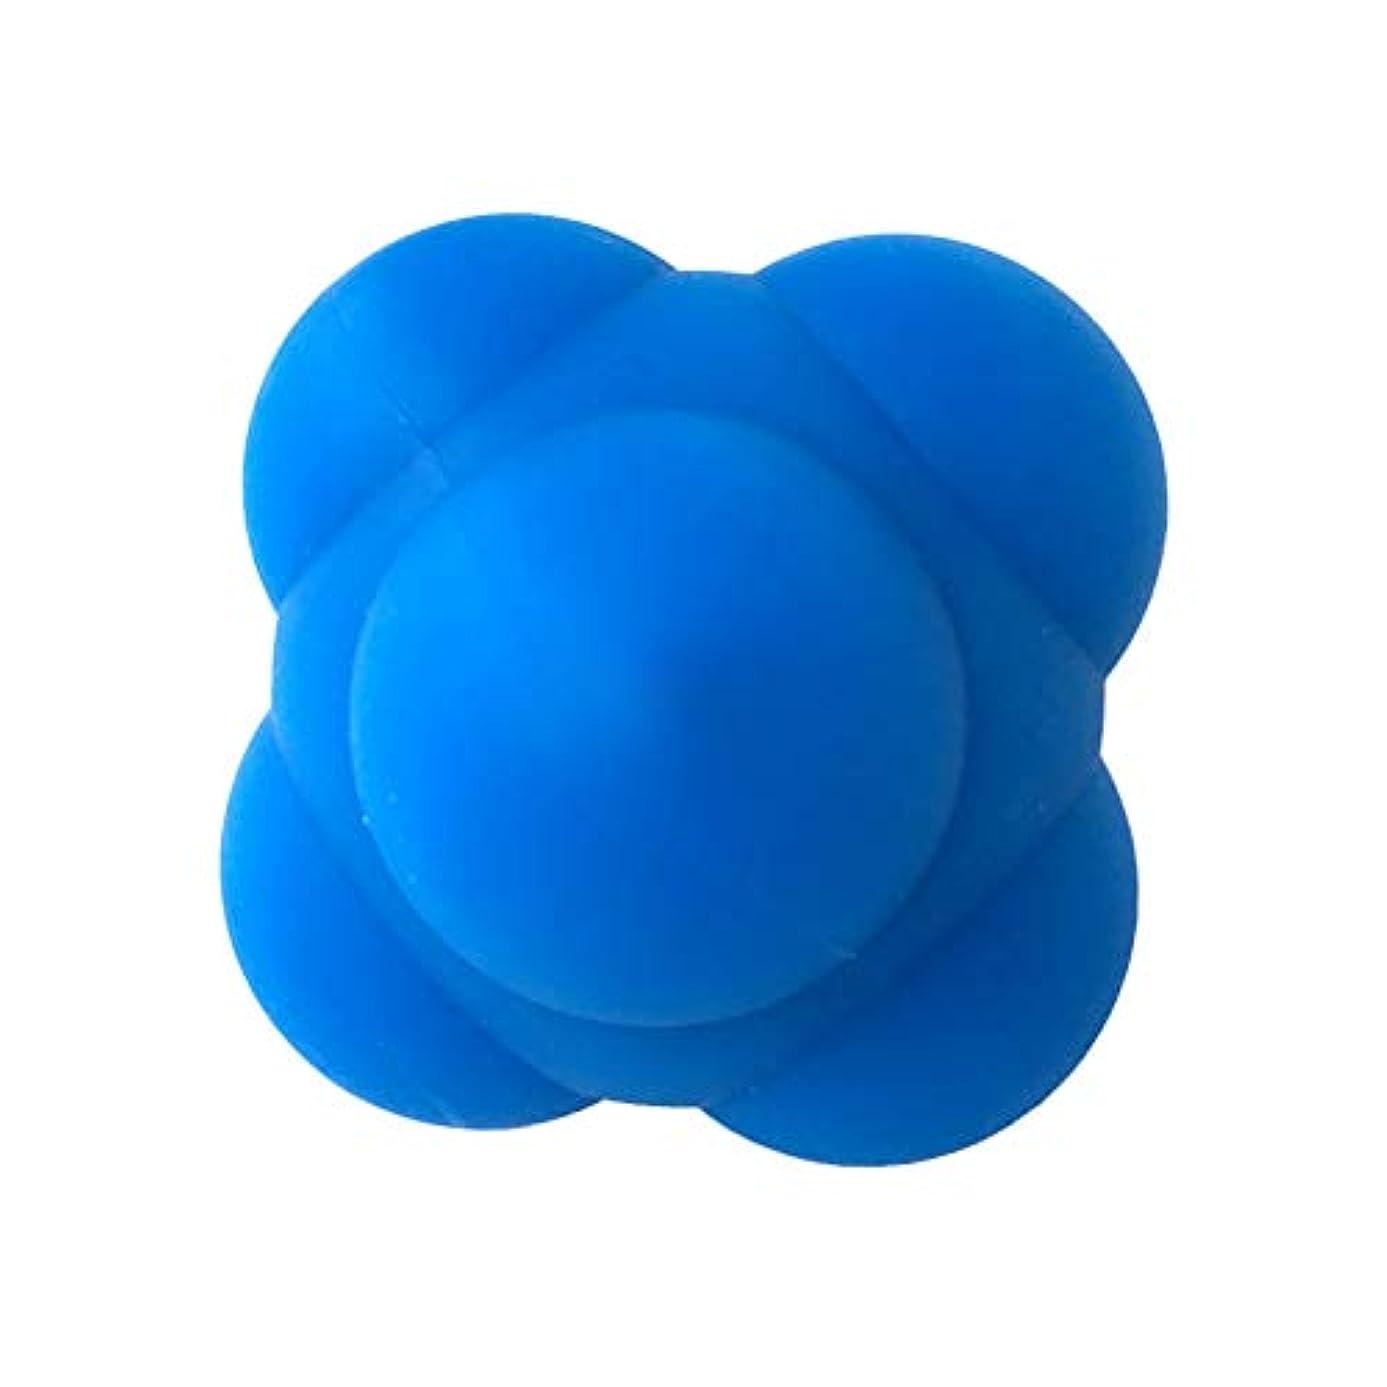 略奪前奏曲マナーHealifty 体の管理ボールスポーツシリコン六角形のボールソリッドフィットネストレーニングエクササイズリアクションボール素早さと敏捷性トレーニングボール6cm(青)